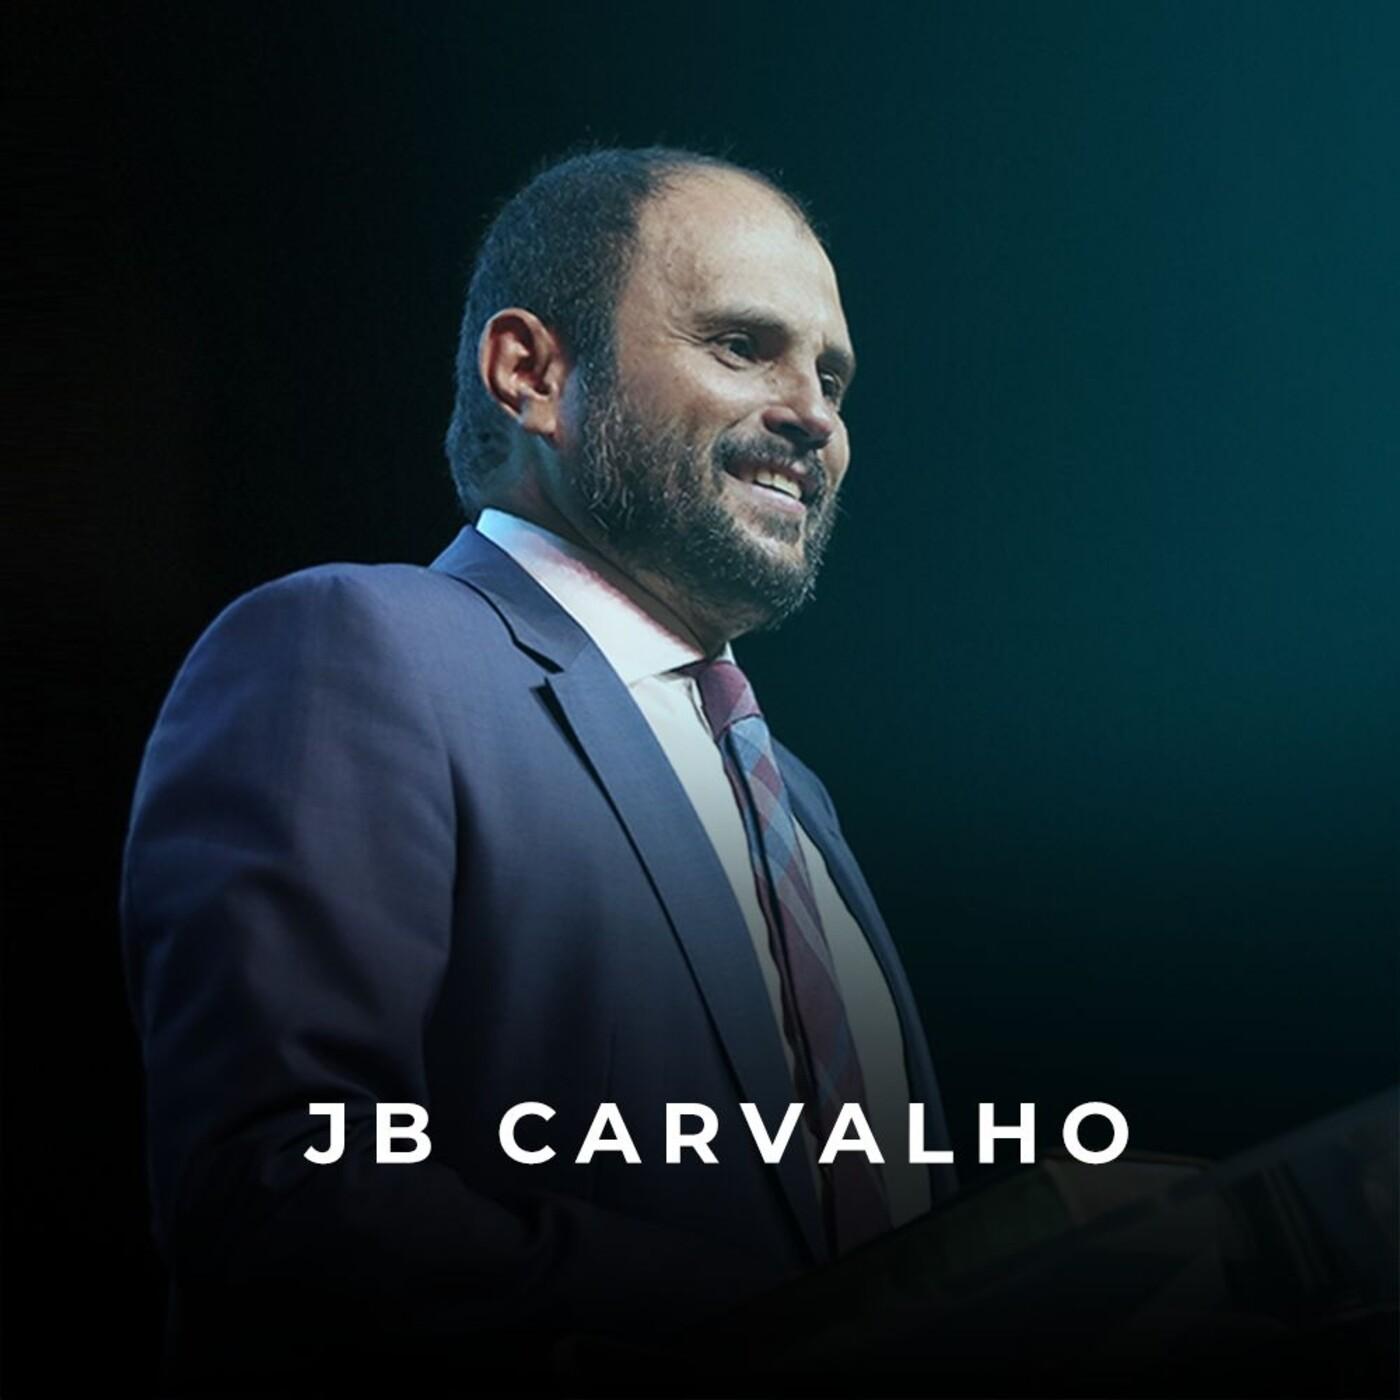 #219 - Controle sua Atmosfera - JB Carvalho